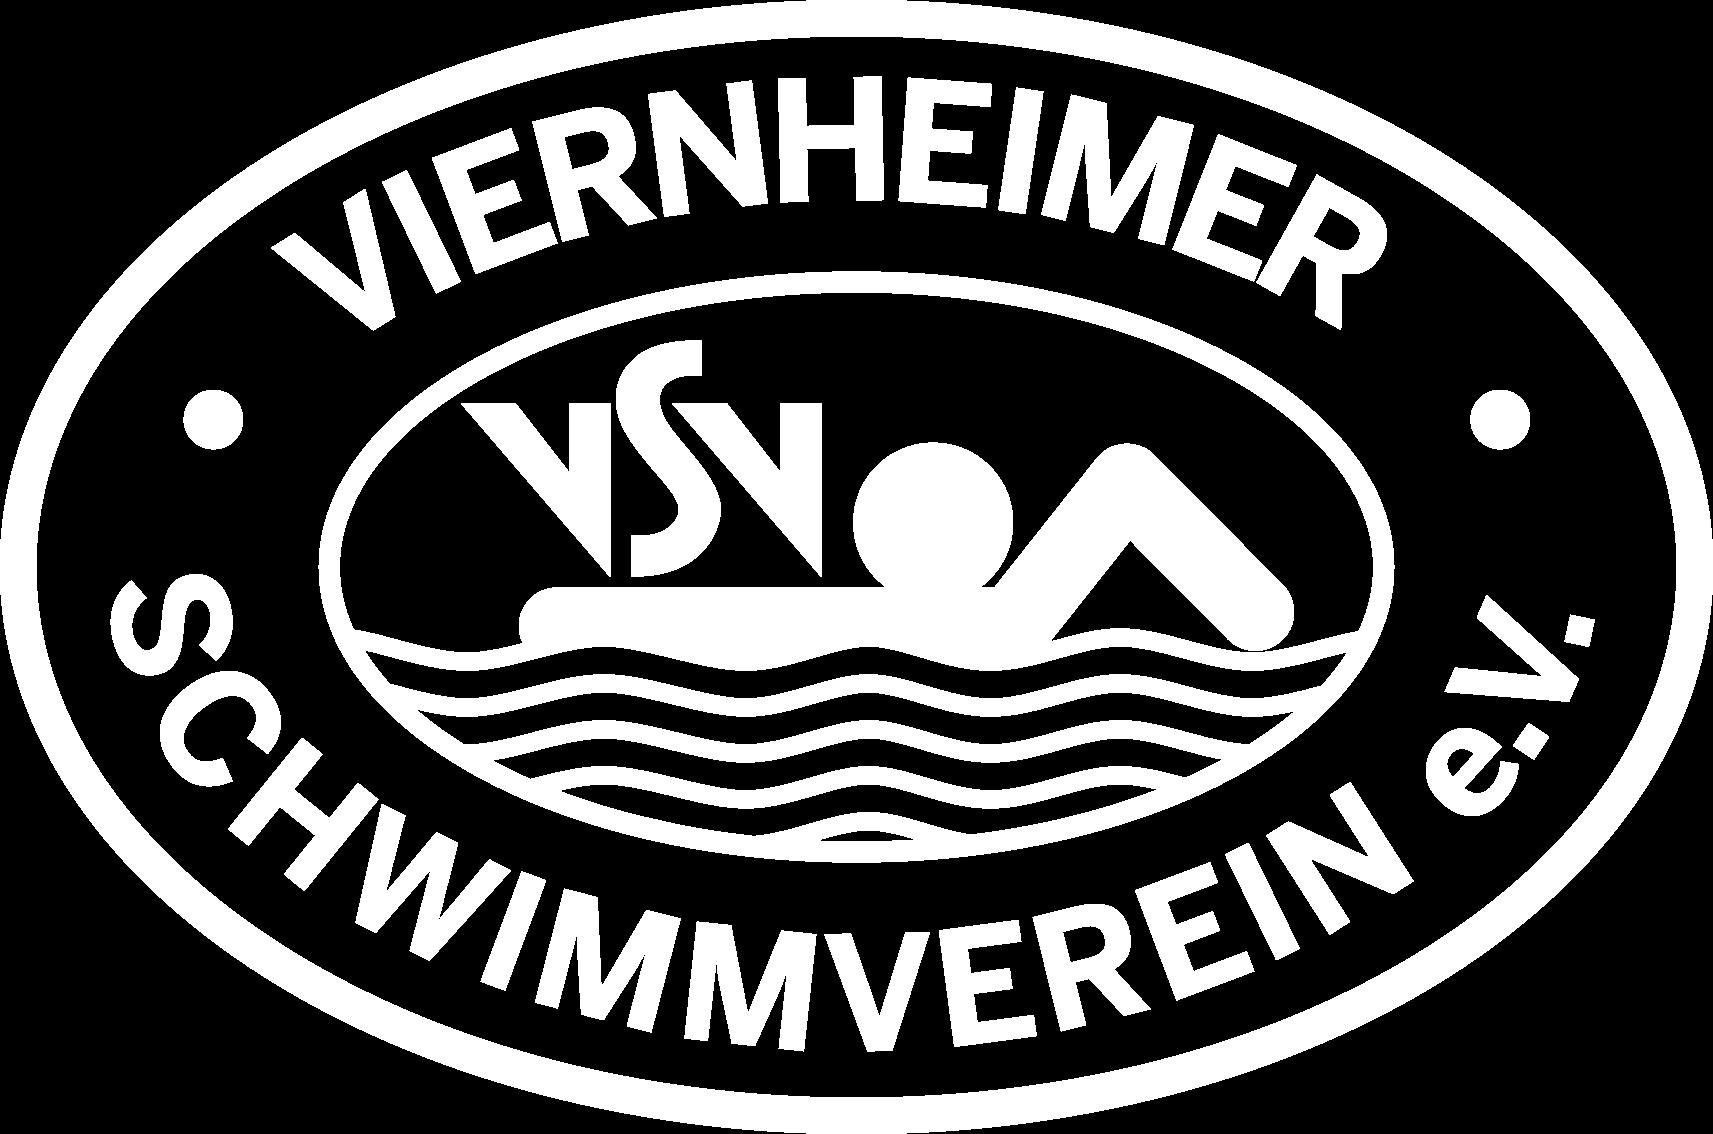 ViernheimerSV